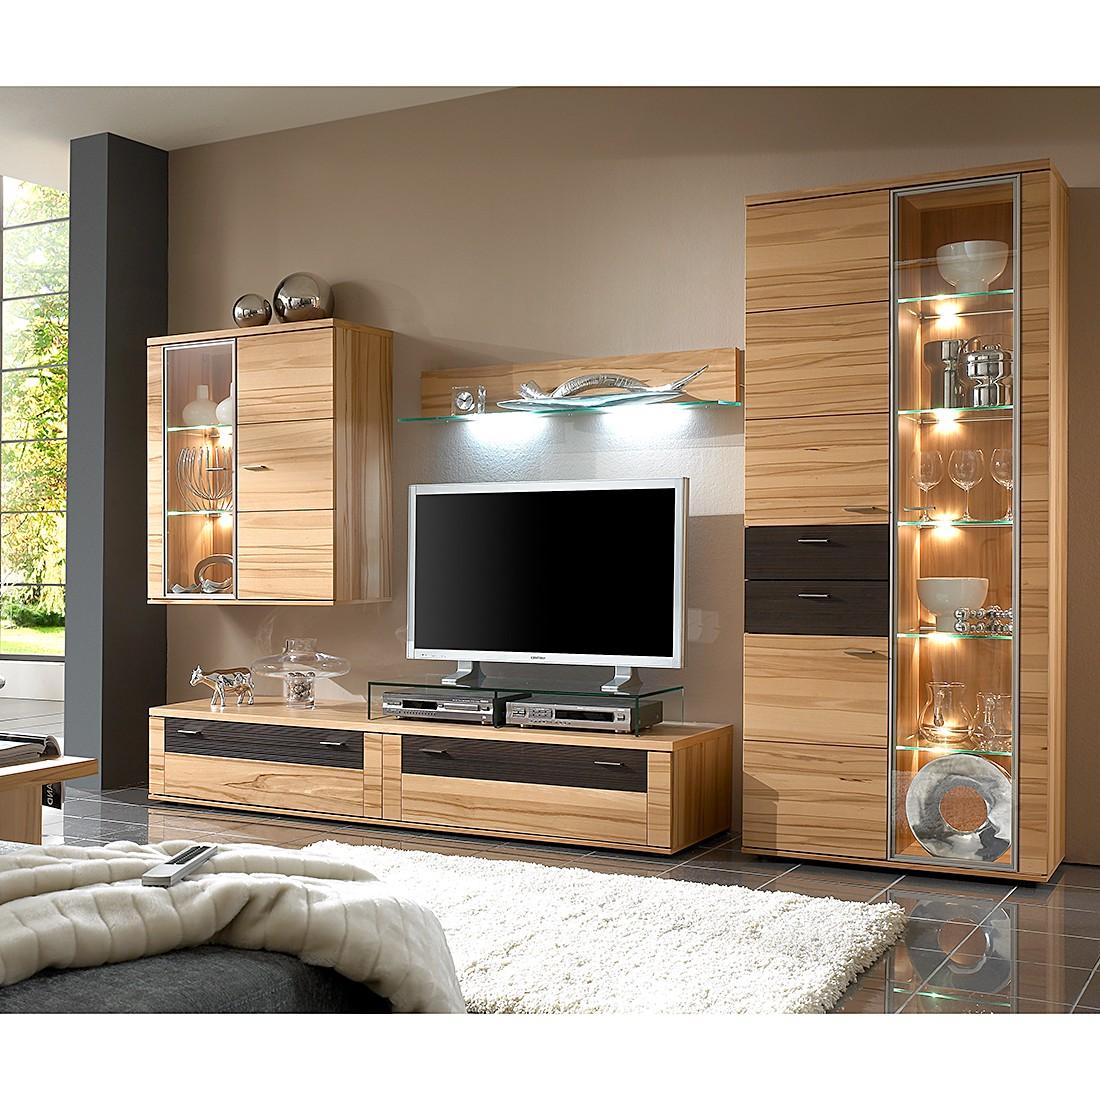 Wohnzimmer Ohne Schrank: Wohnwand Ohne Tv Element. Wohnwand Wohnzimmerschrank